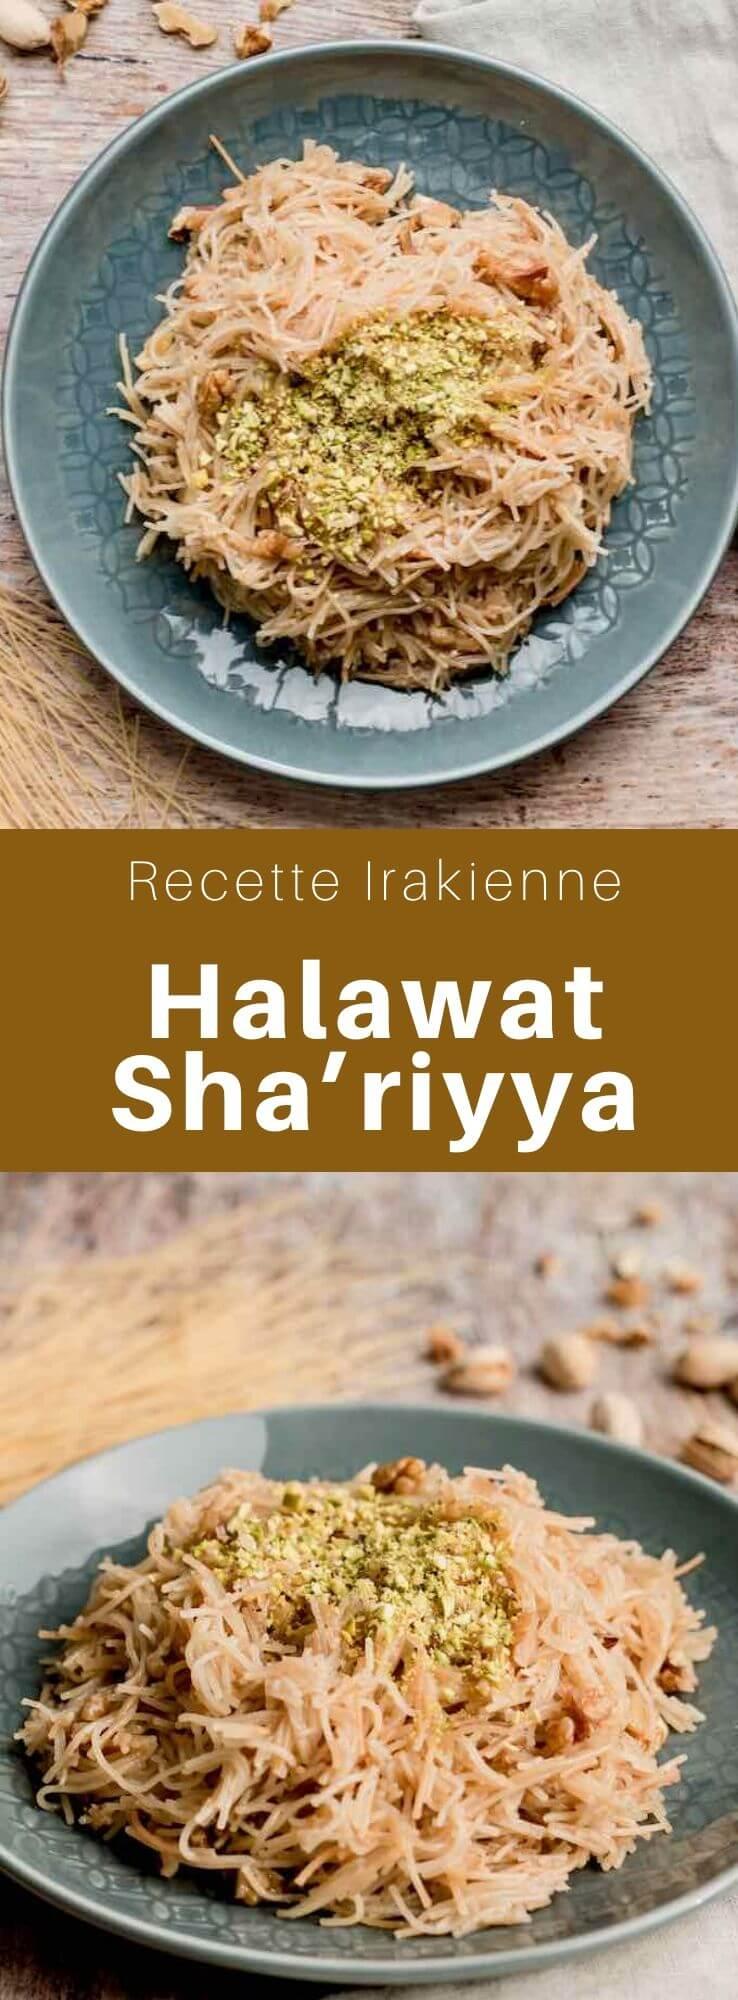 Halawat sha'riyya est un dessert irakien typique composé de vermicelles et de noix parfumées à la cardamome et à l'eau de rose. #Irak #RecetteIrakienne #CuisineIrakienne #CuisineDuMonde #196flavors